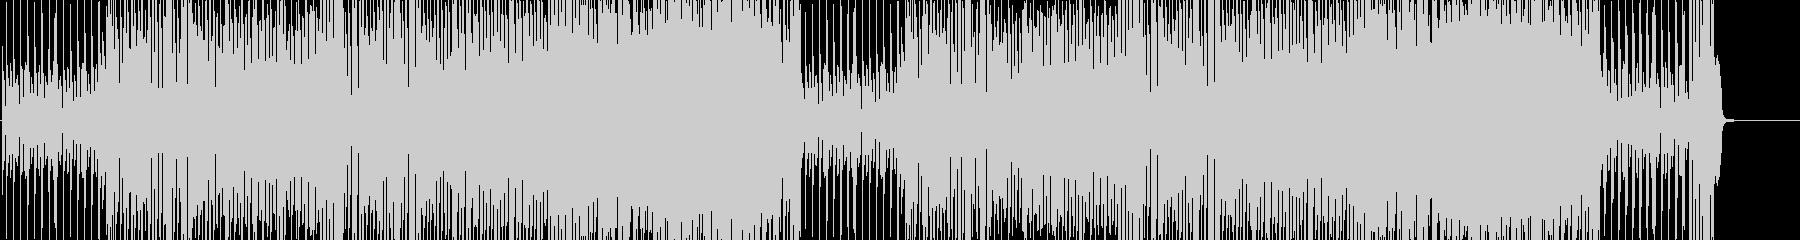 ハロウィン風エレクトロスウィングの未再生の波形